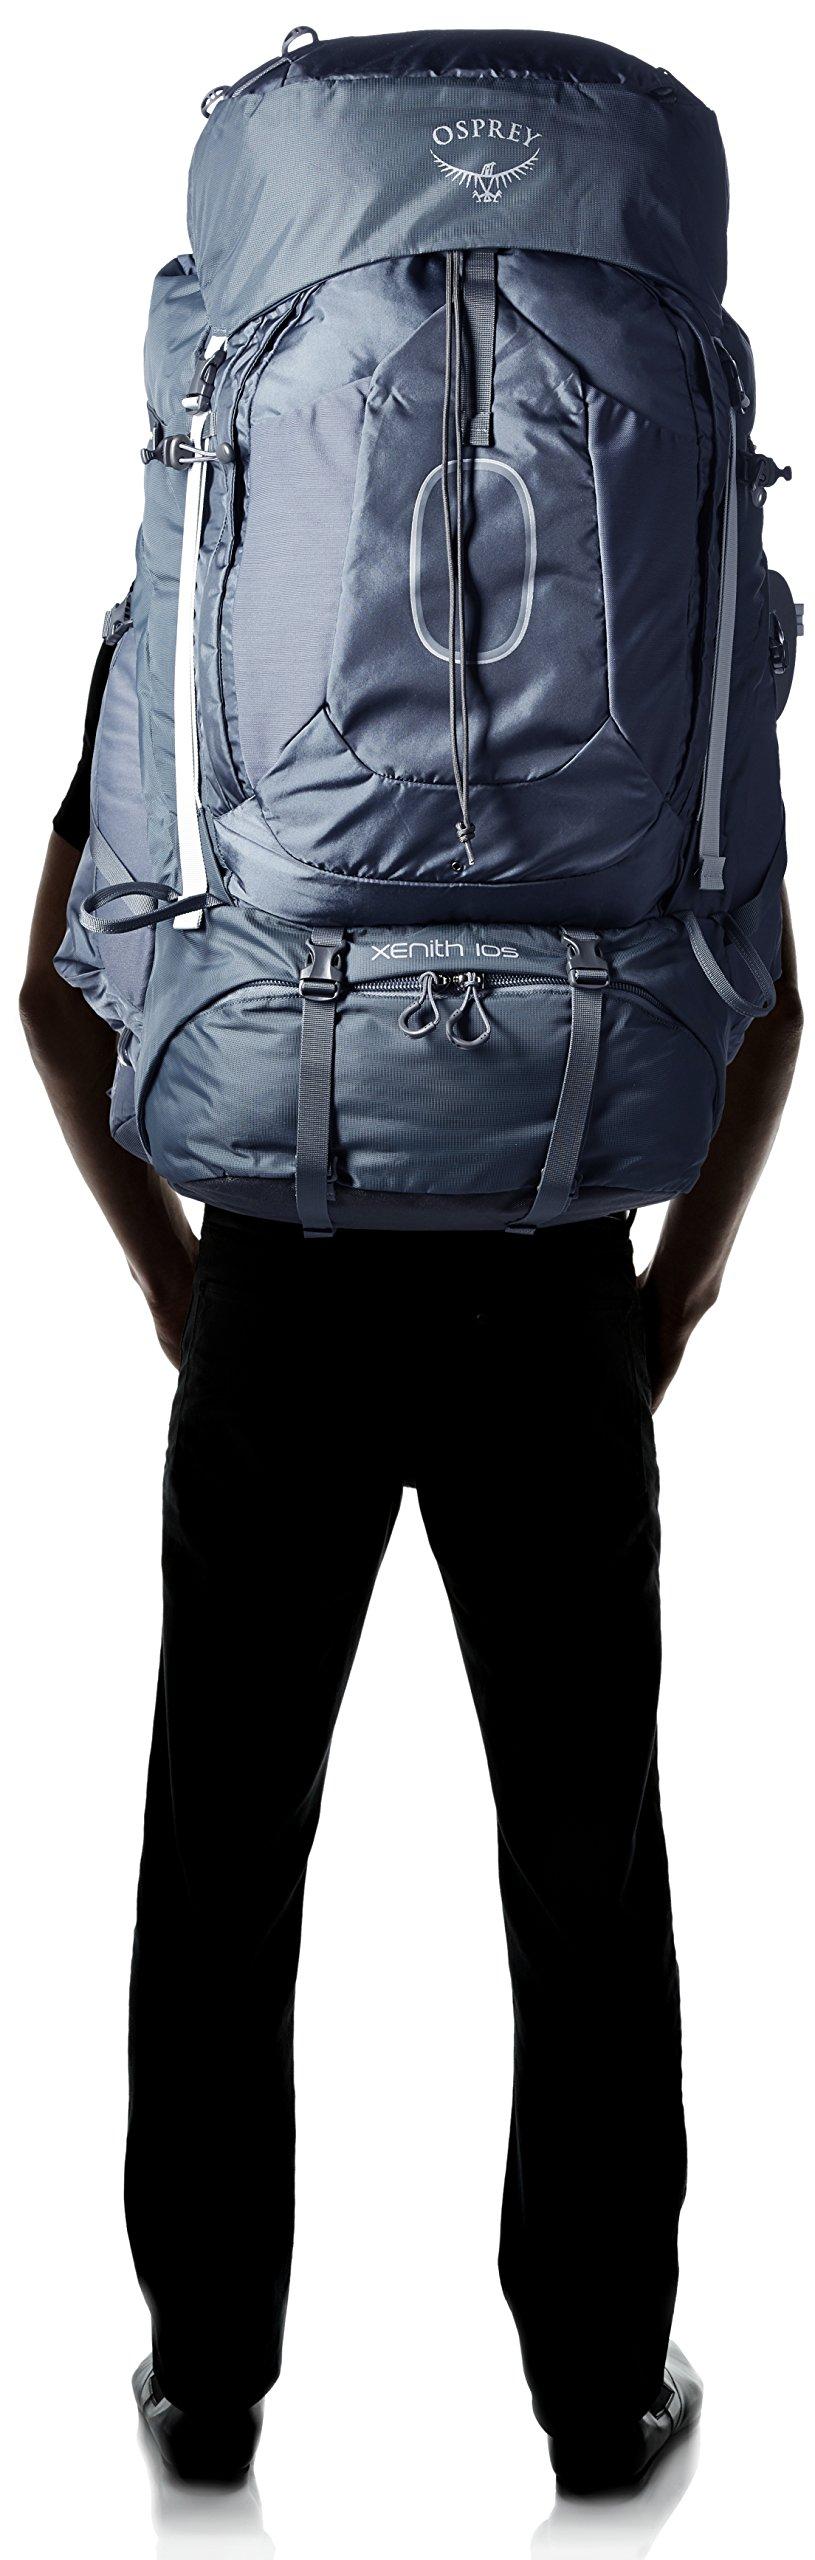 osprey xenith 105 internal frame backpack